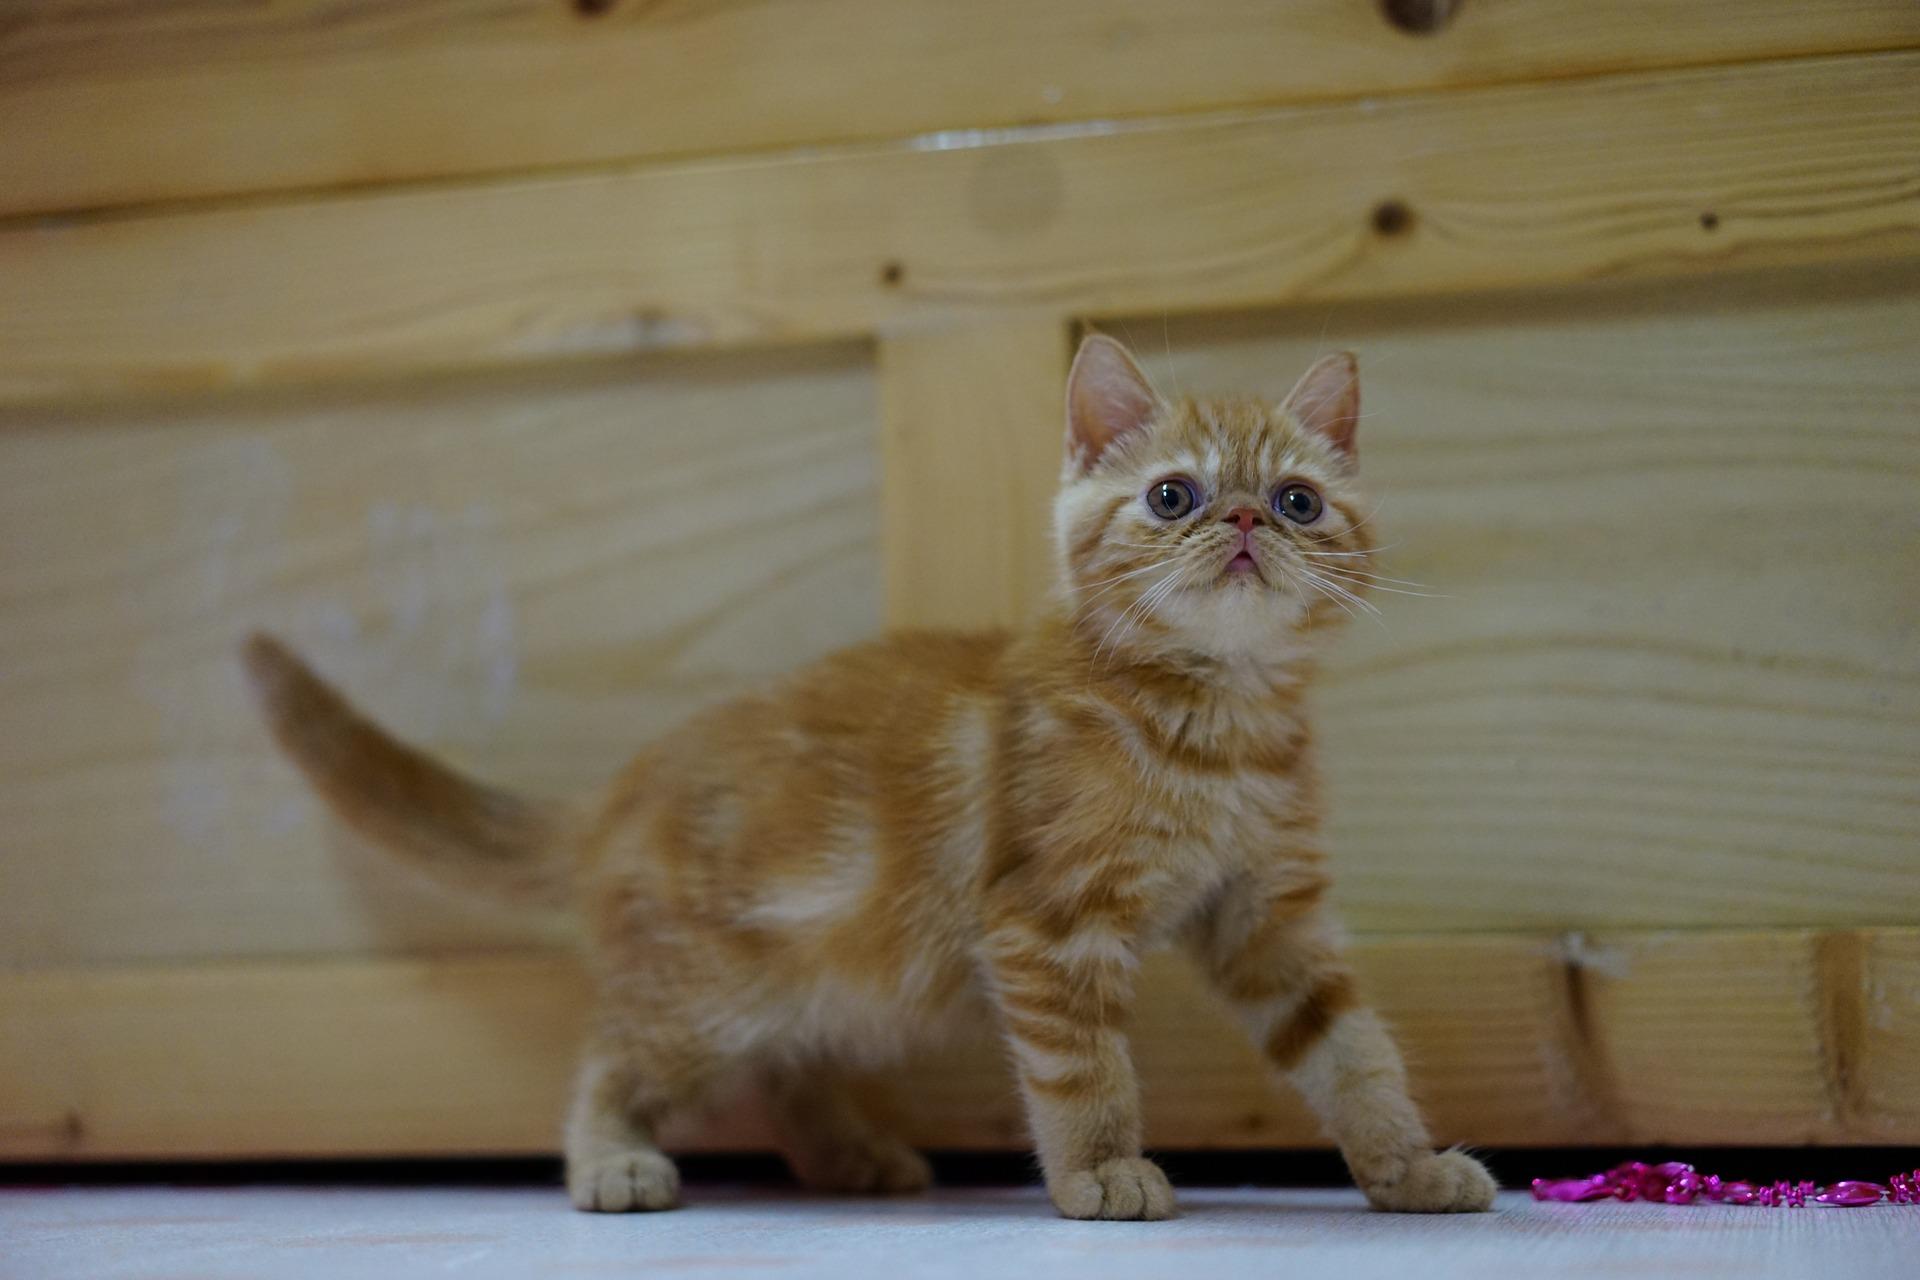 Usposobienie kotów egzotycznych jest łagodne i przyjacielskie. Jednak jak każdemu kotu należy zapewnić im możliwość spełniania potrzeb gatunkowych.